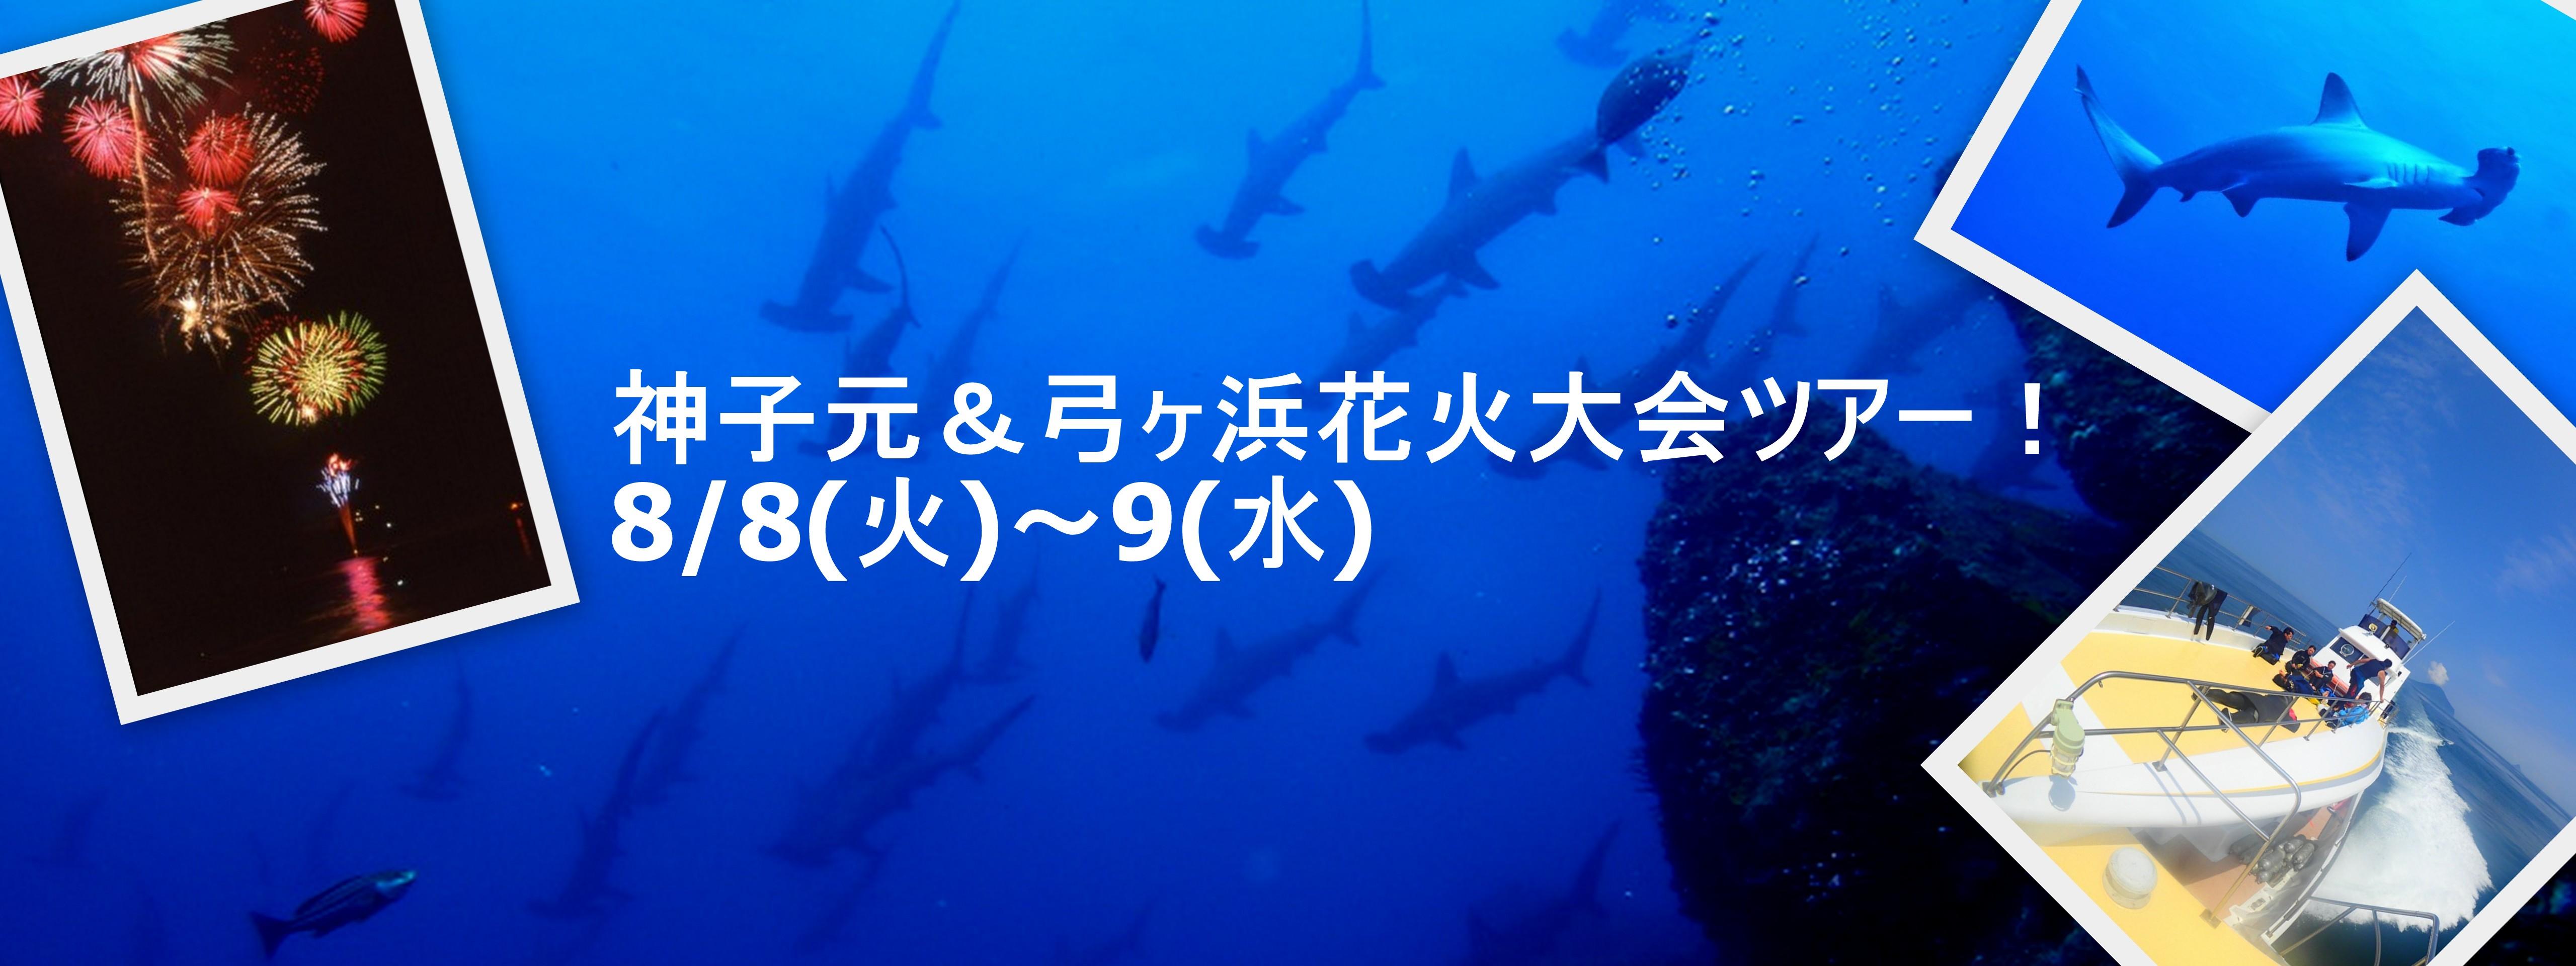 神子元ダイビング&弓ヶ浜花火大会